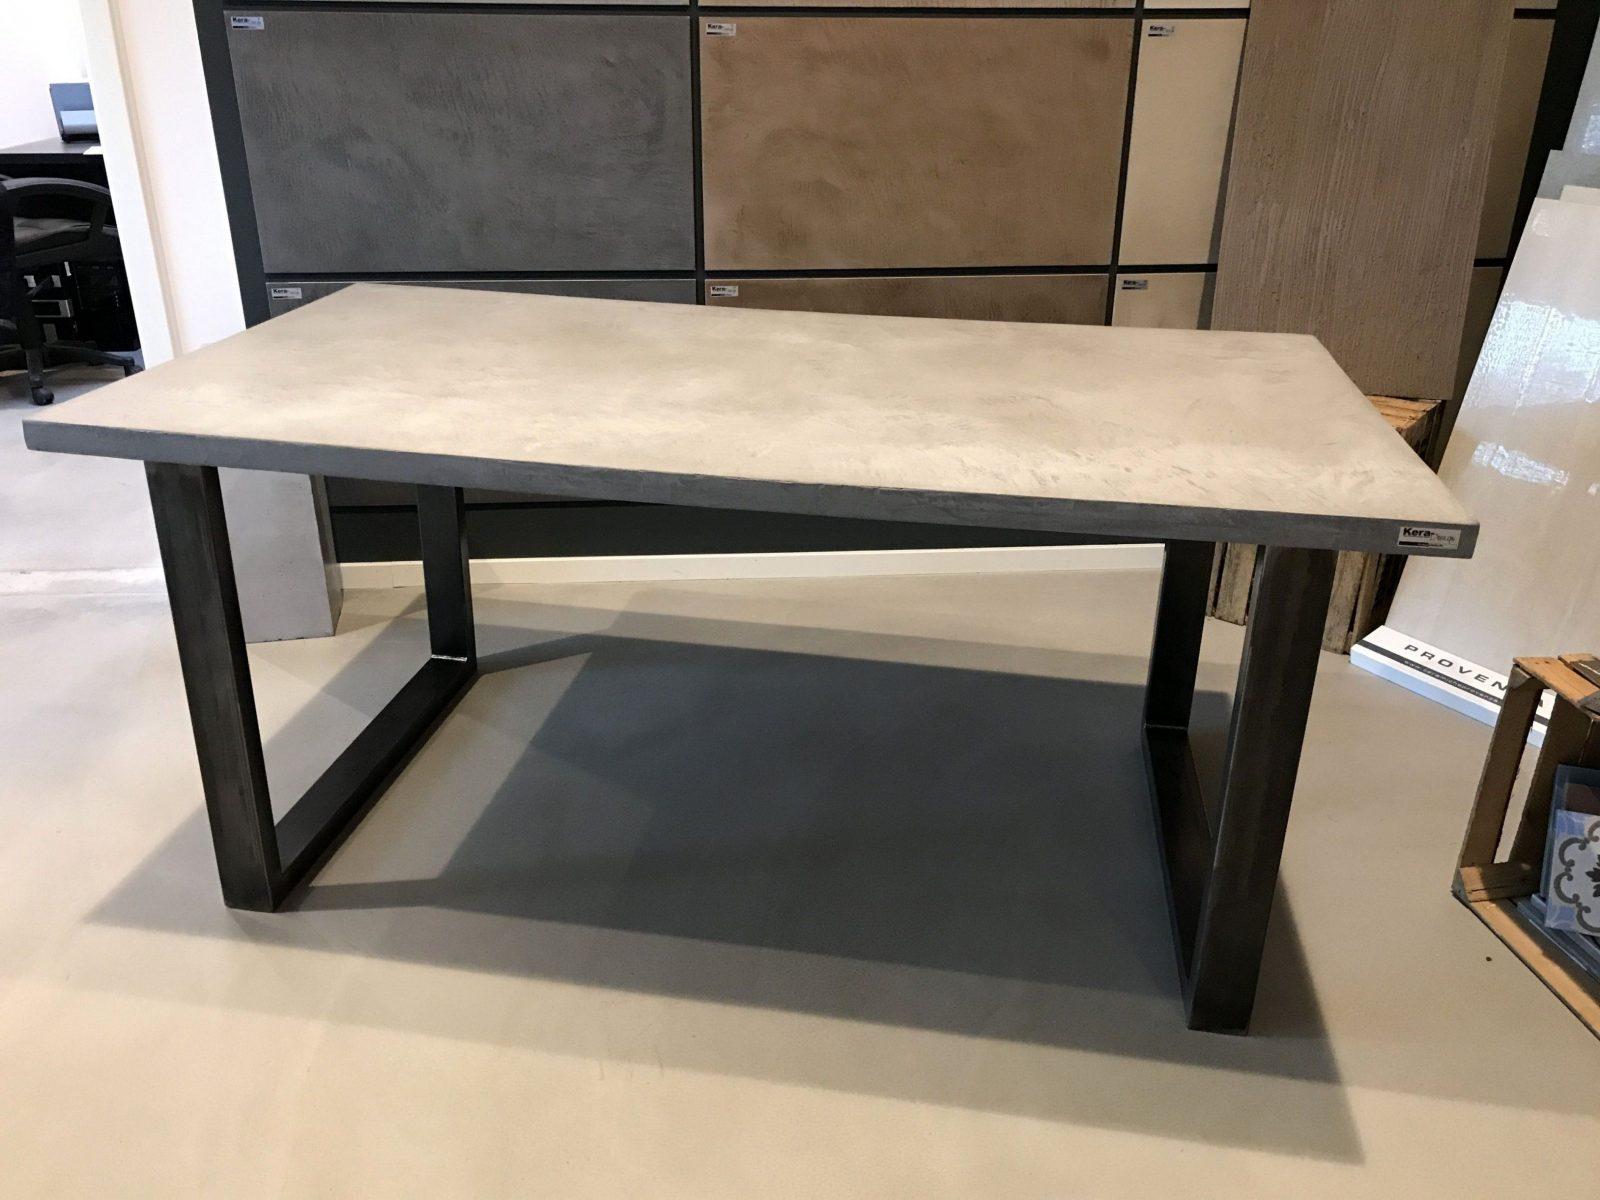 Schön Diy Anleitung Beton Tisch Selber Bauen Mit Carameo Beton Cire von Tisch Aus Arbeitsplatte Bauen Bild